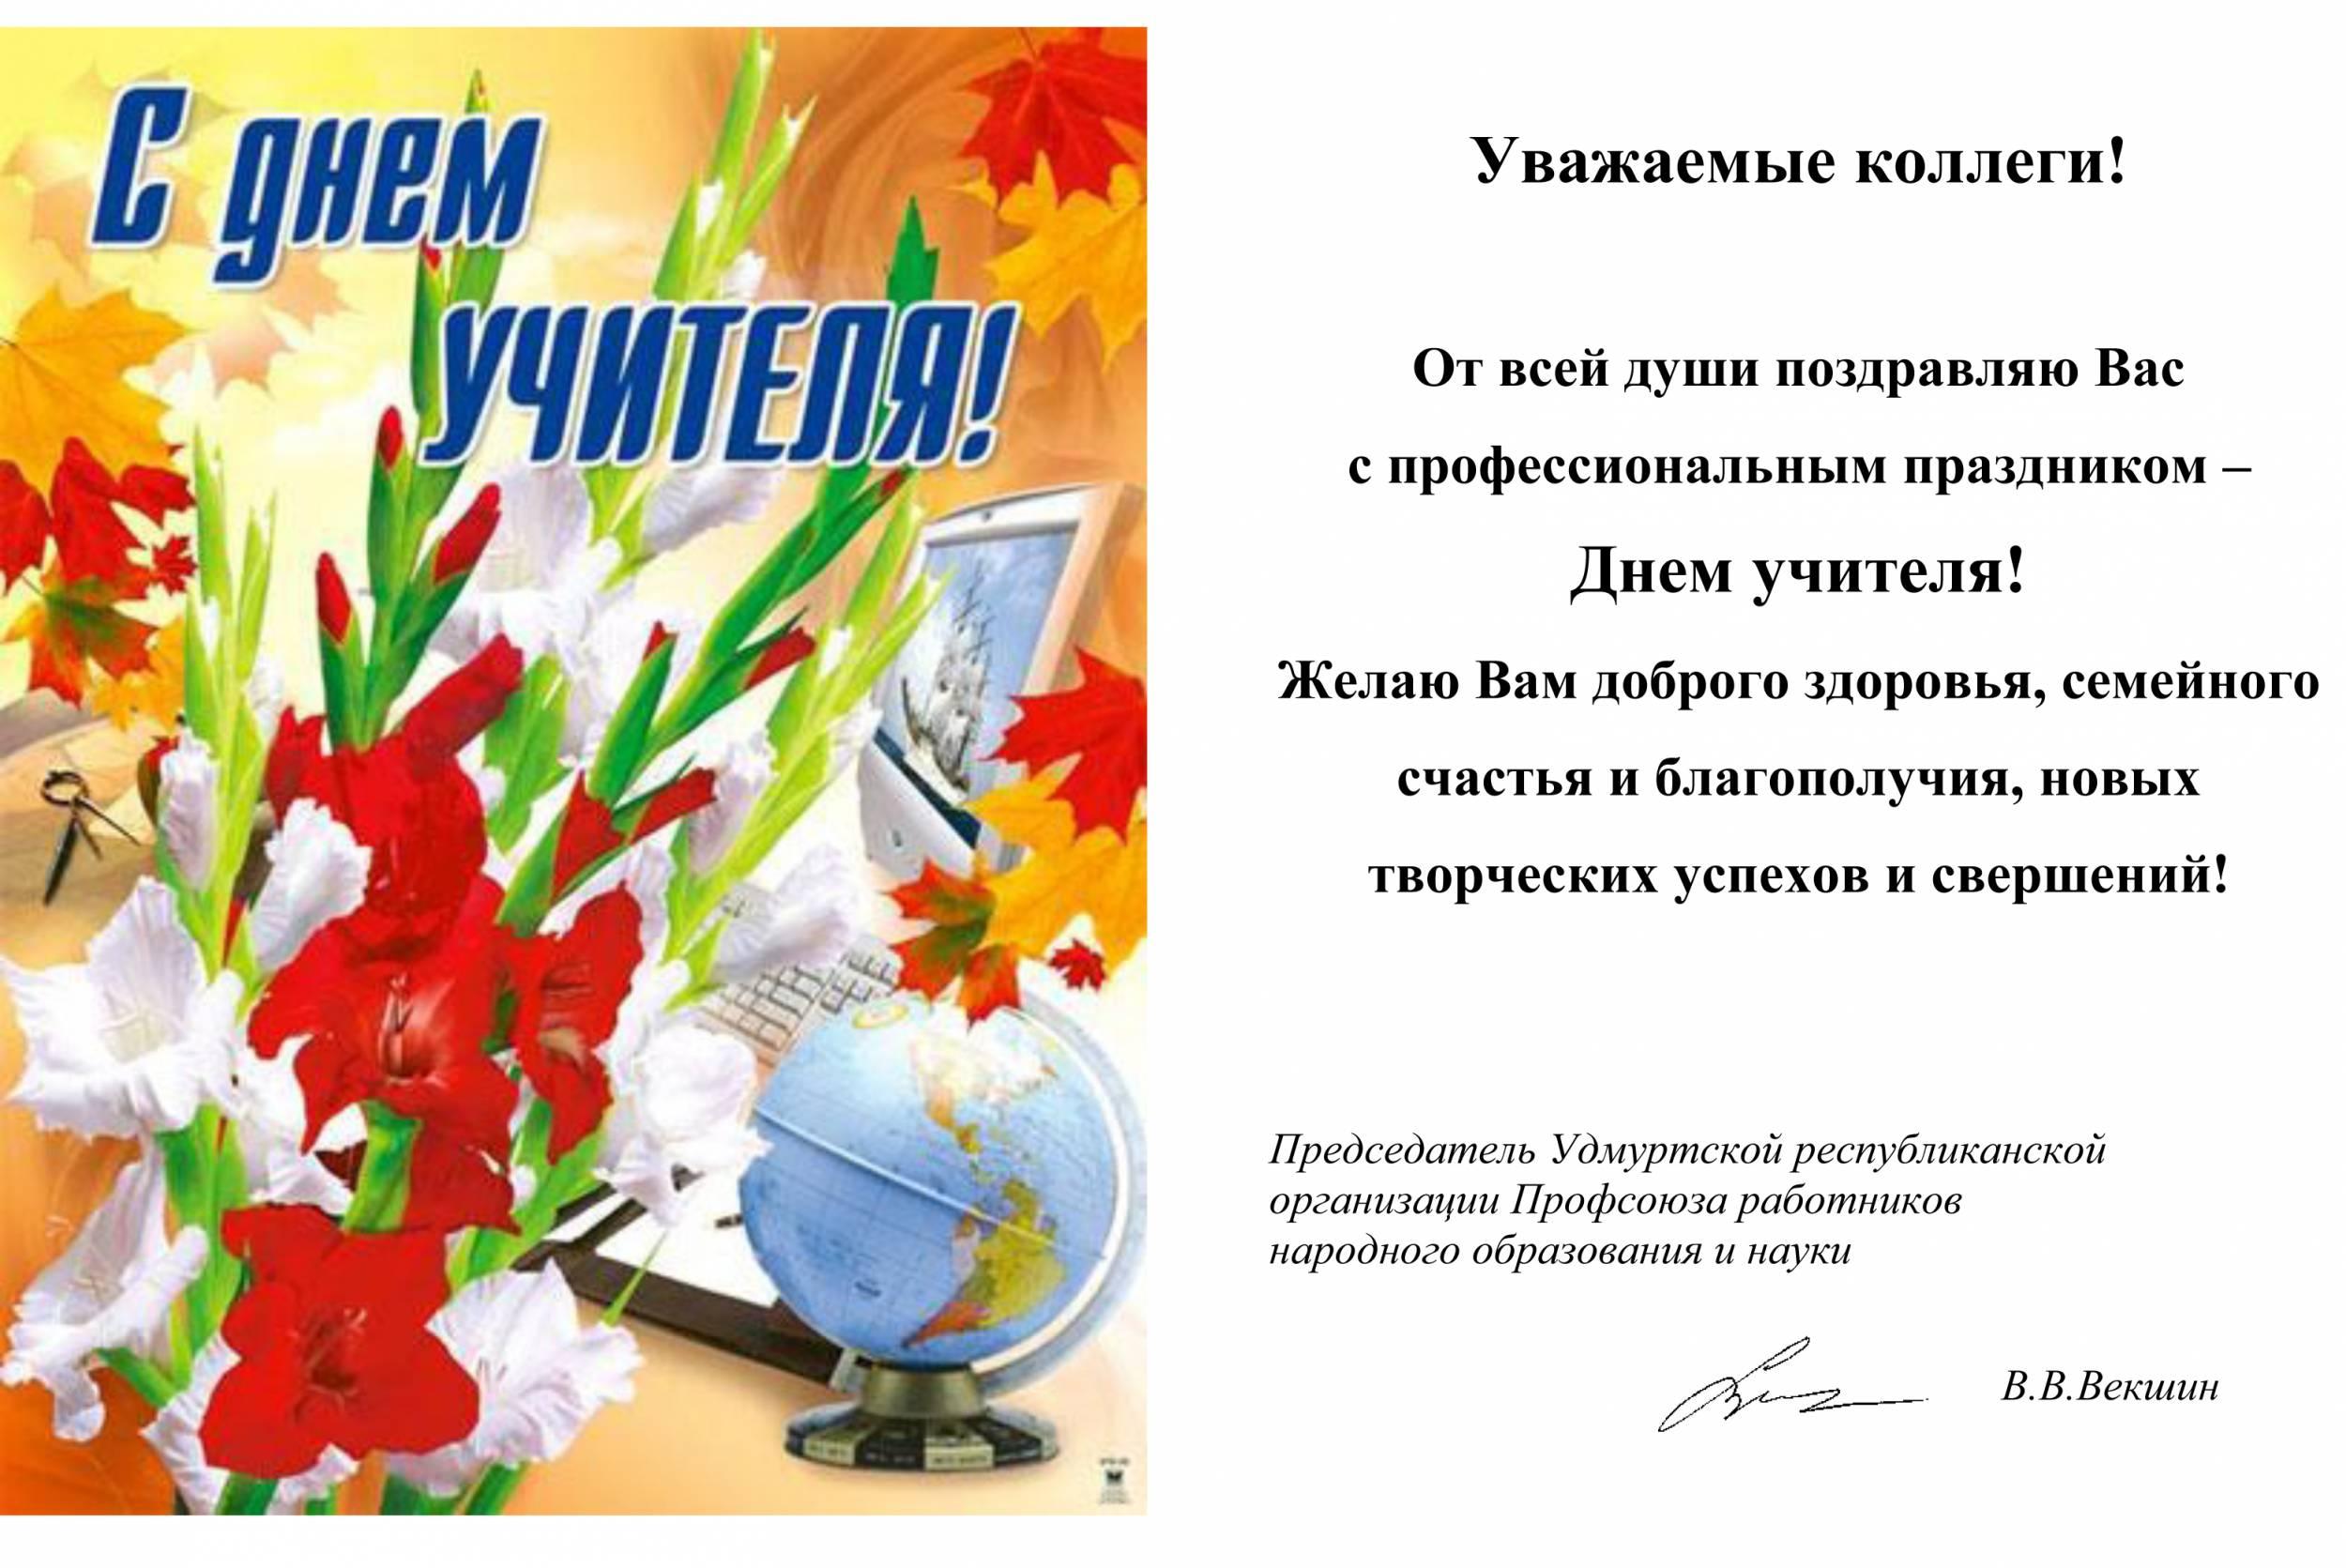 Как подписать открытку от профсоюза